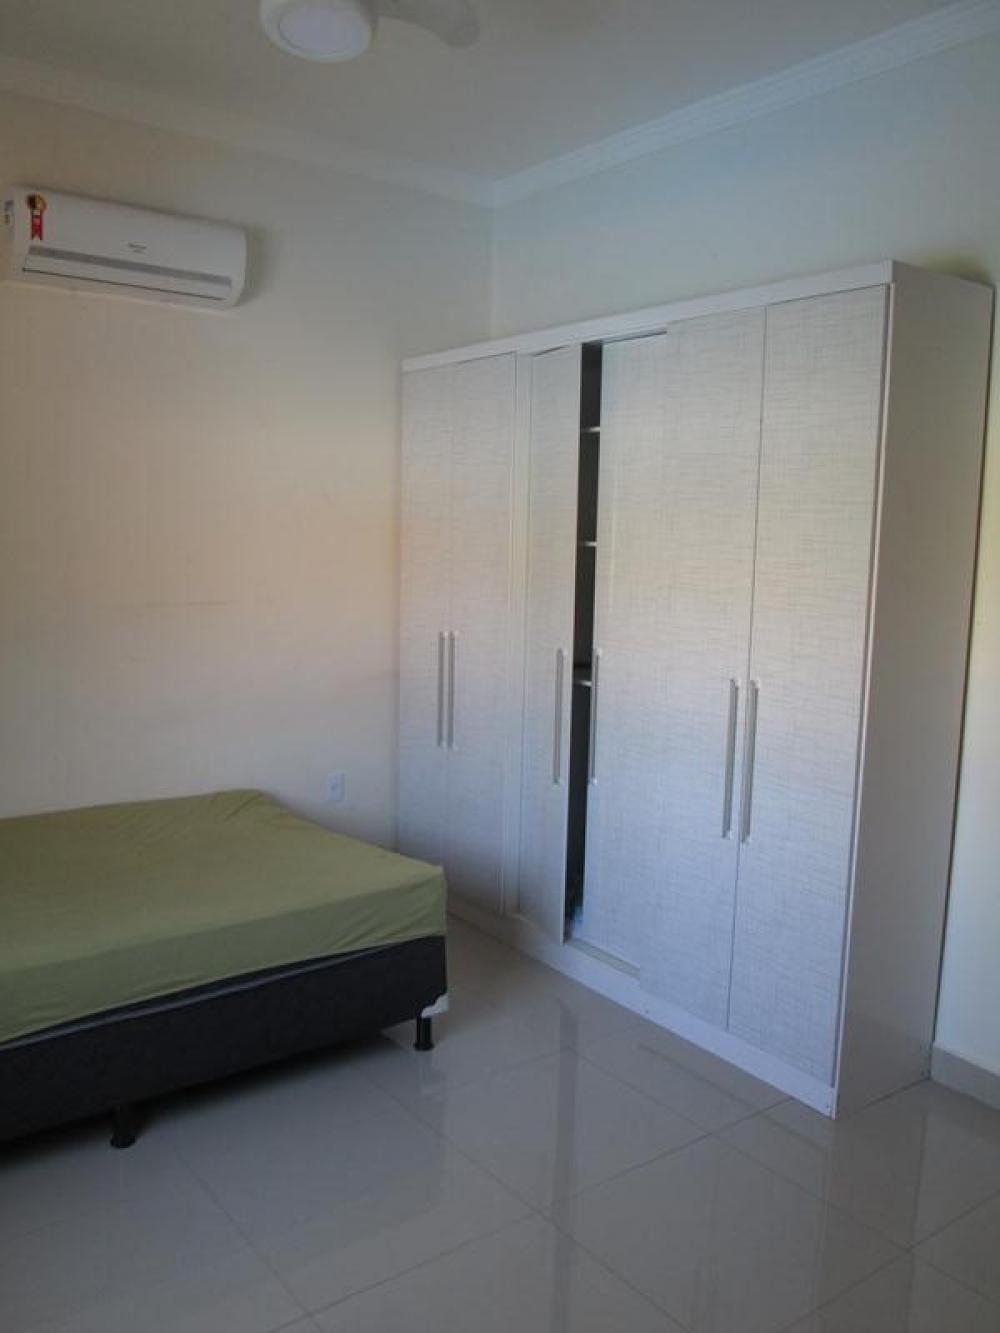 Comprar Casa / Padrão em São José do Rio Preto R$ 650.000,00 - Foto 8